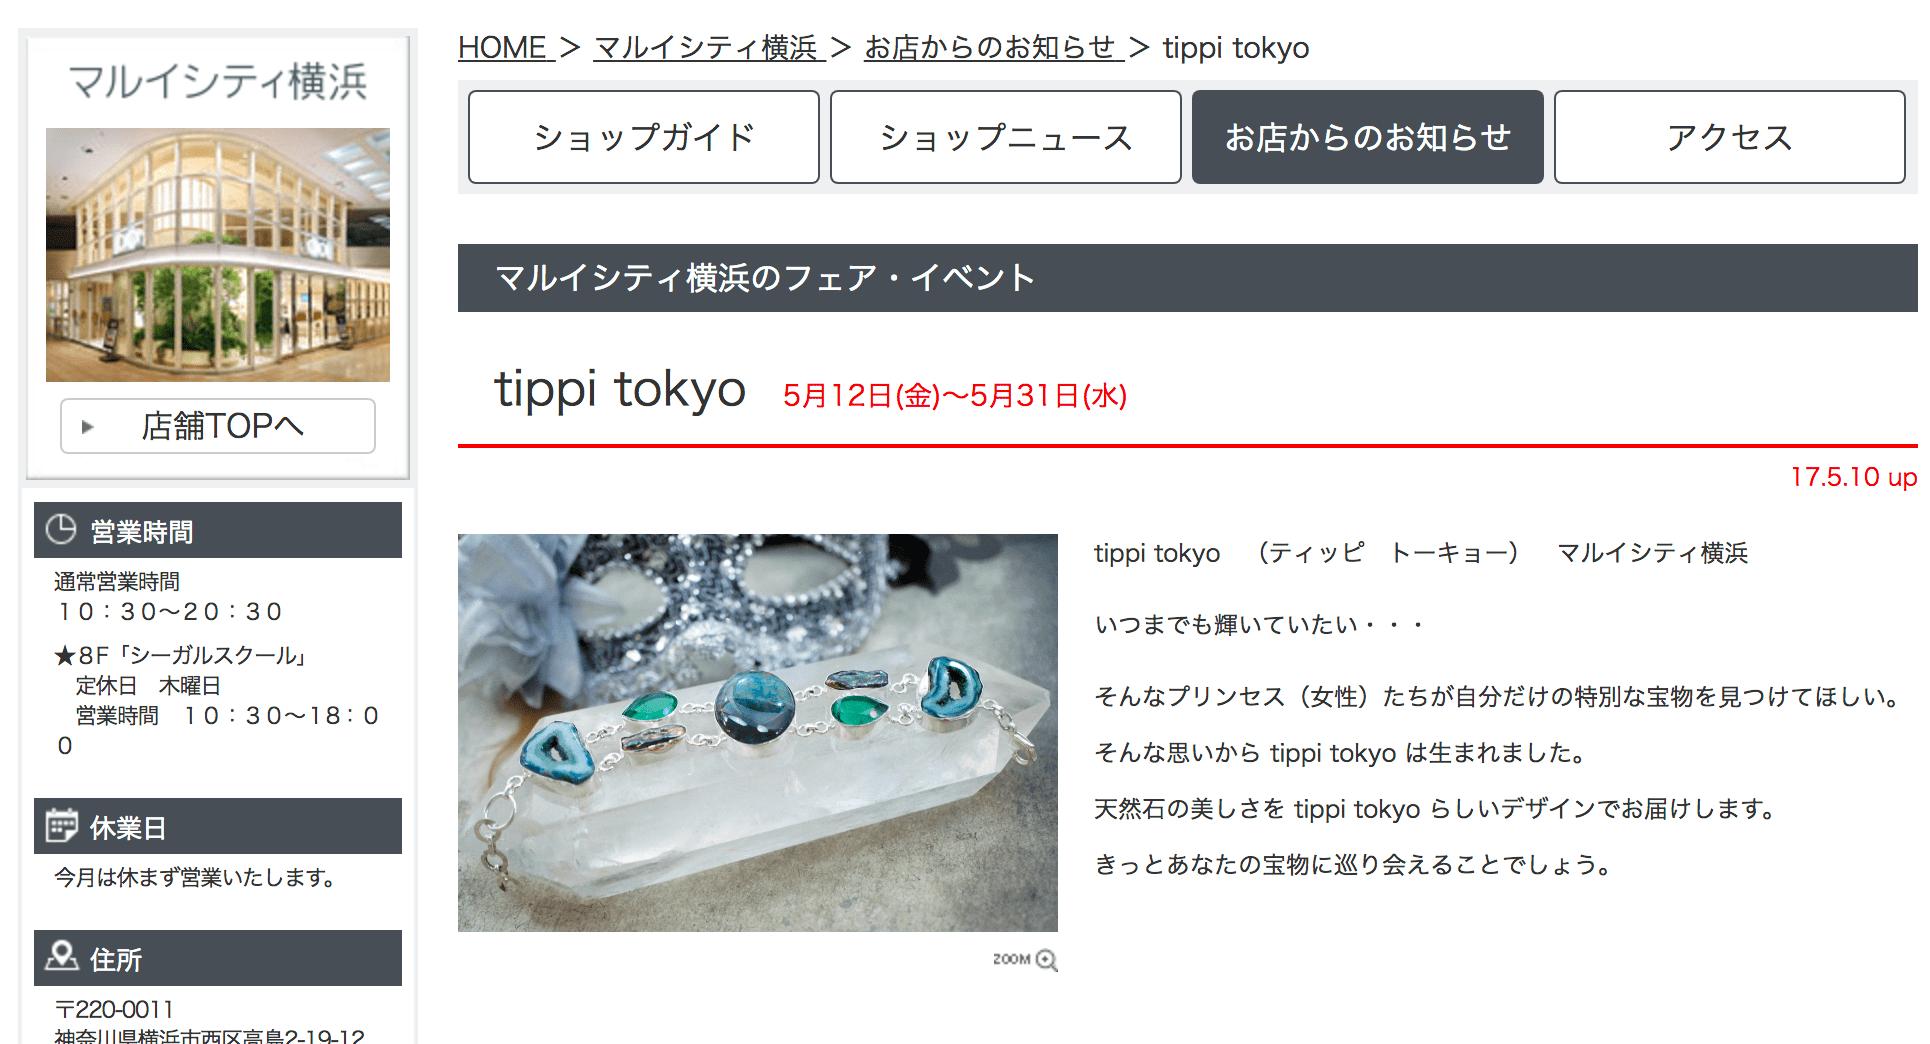 2017.5.12~5.31 横浜マルイ3階にて、ポップアップショップ出店!